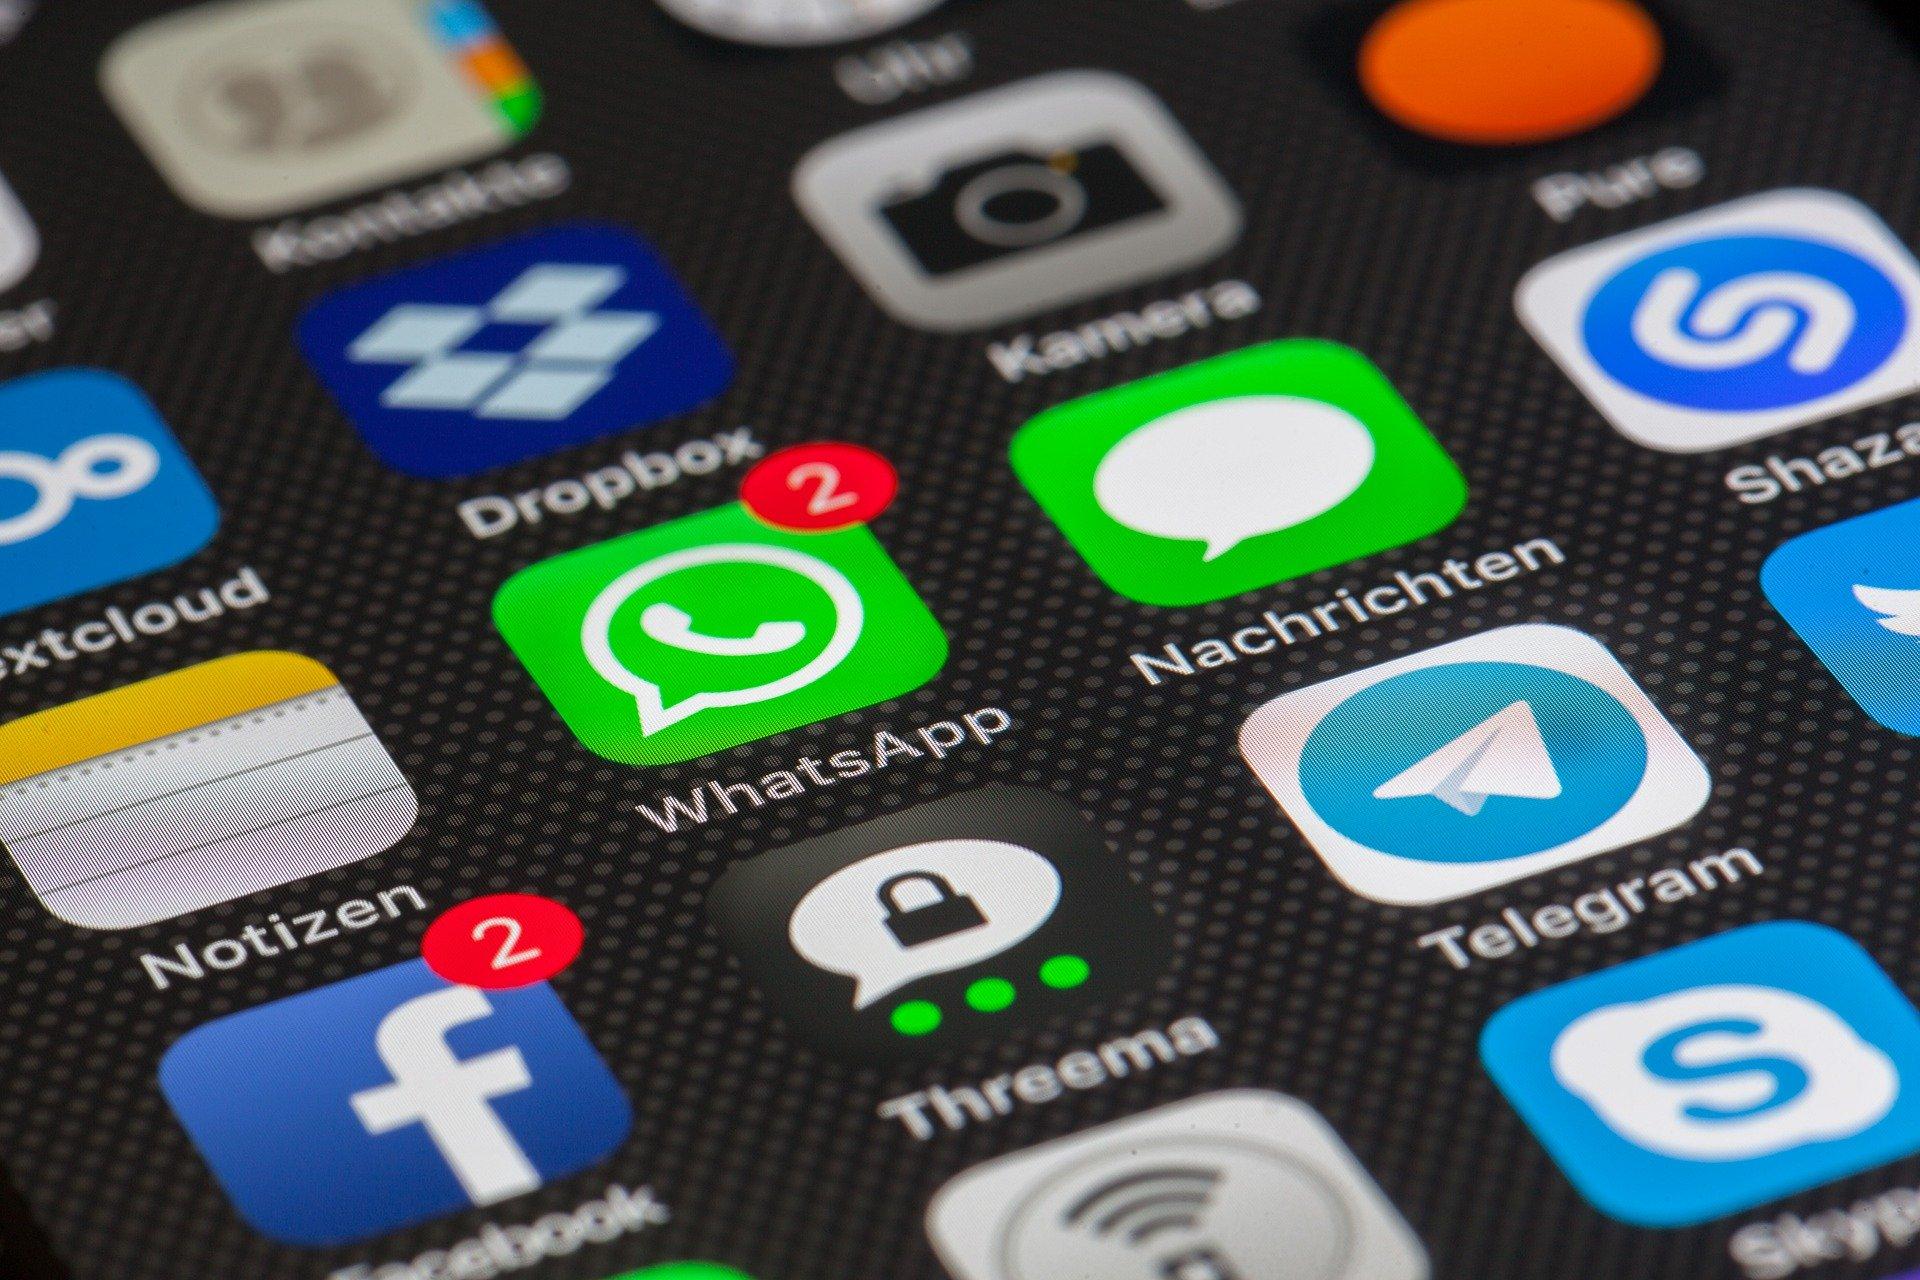 ¿Anuncios en WhatsApp? ¡Pronto será posible!